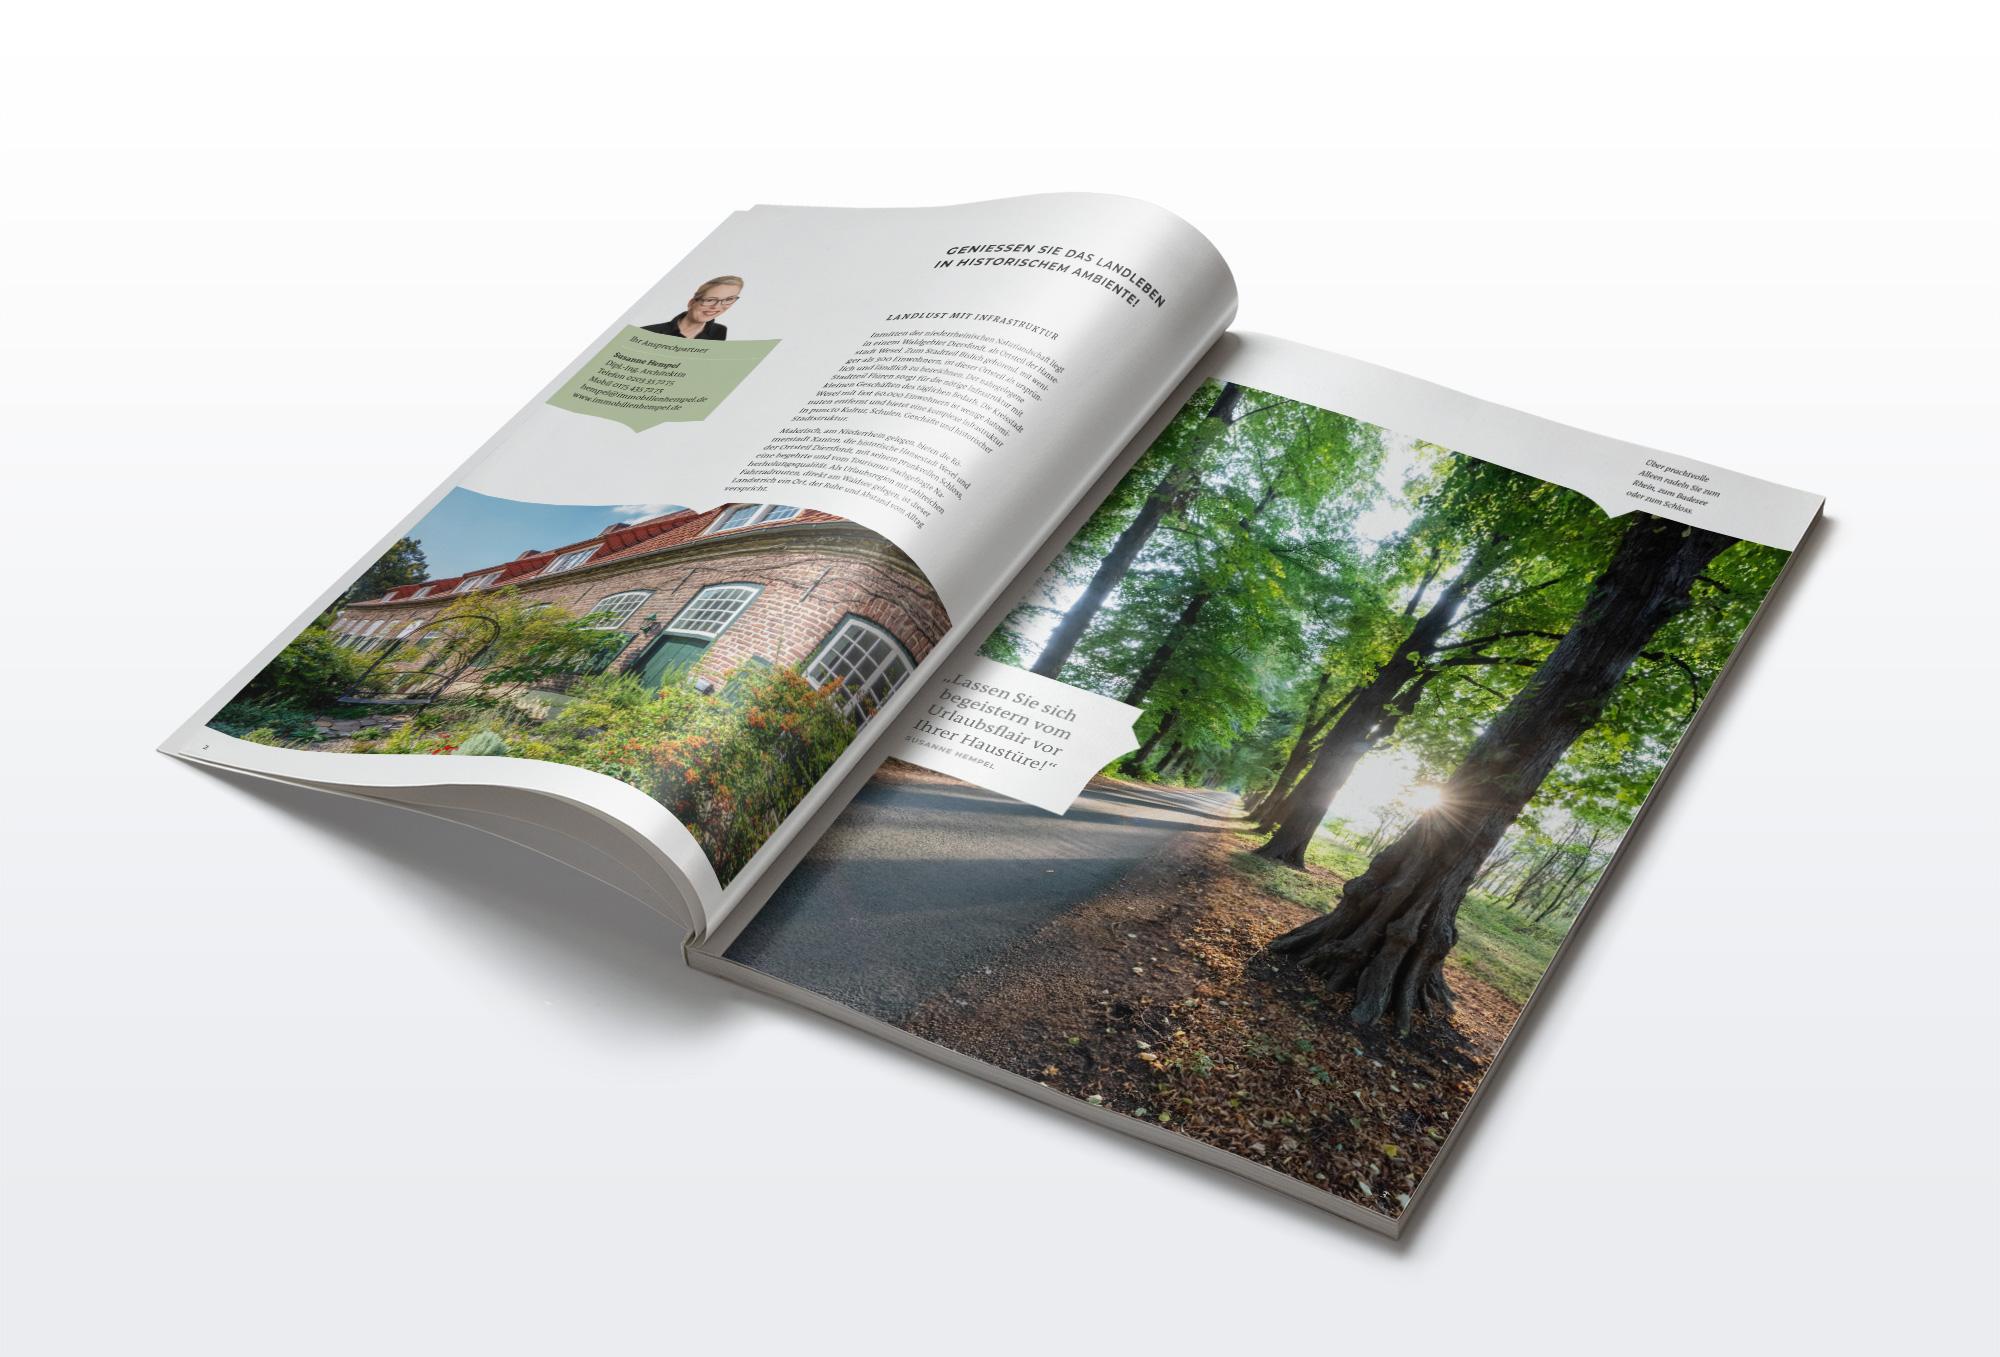 Diersfordter Höfe Broschüre